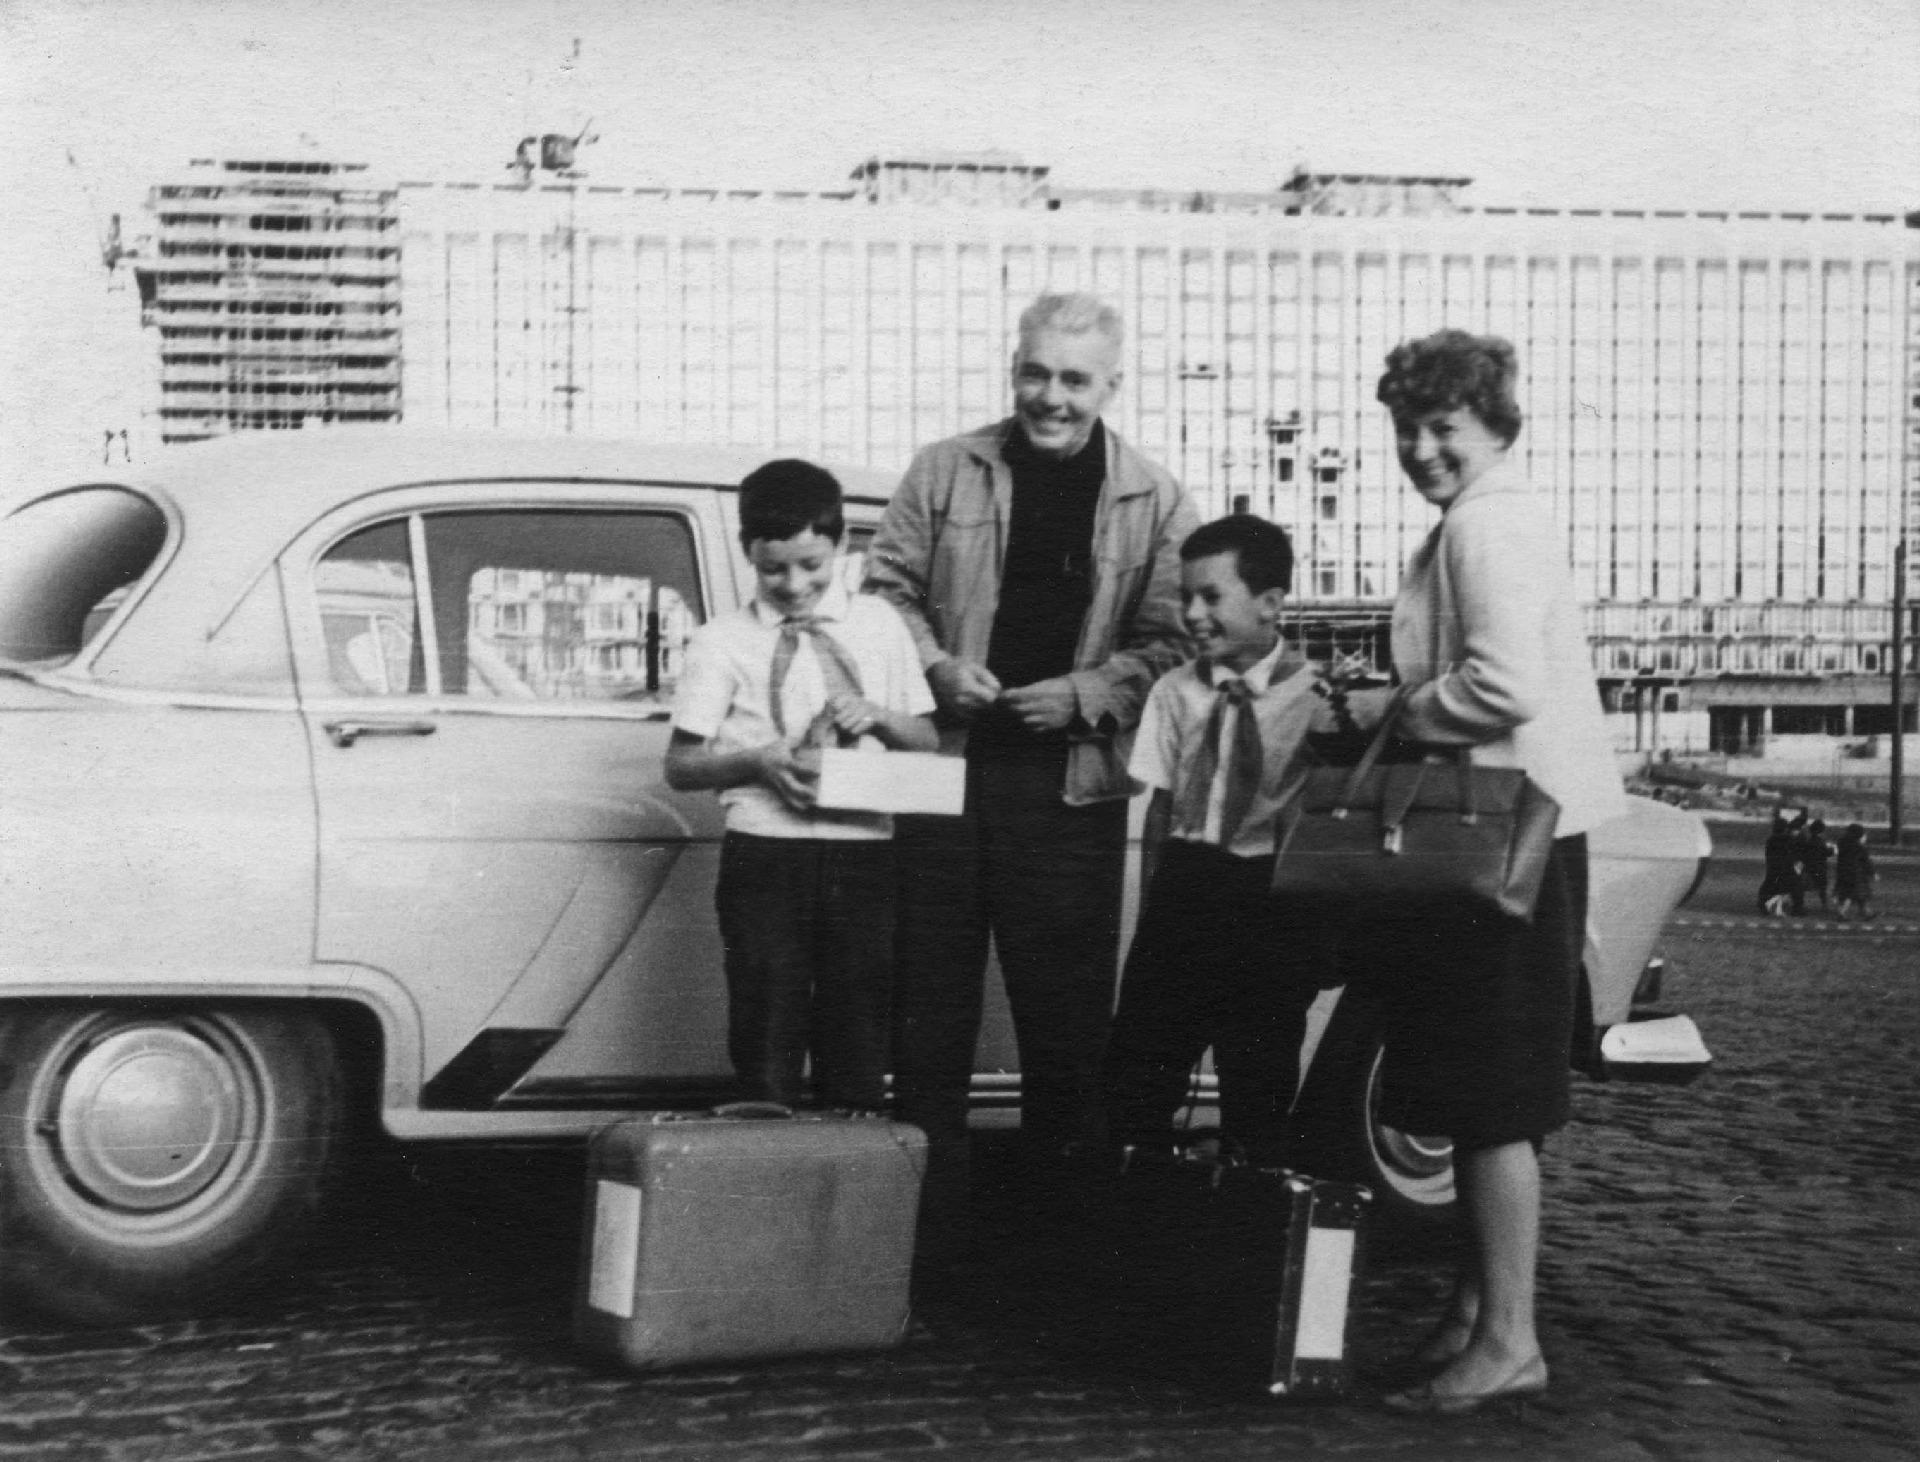 Экспонат #161. Семья Трояновских. 1967 год